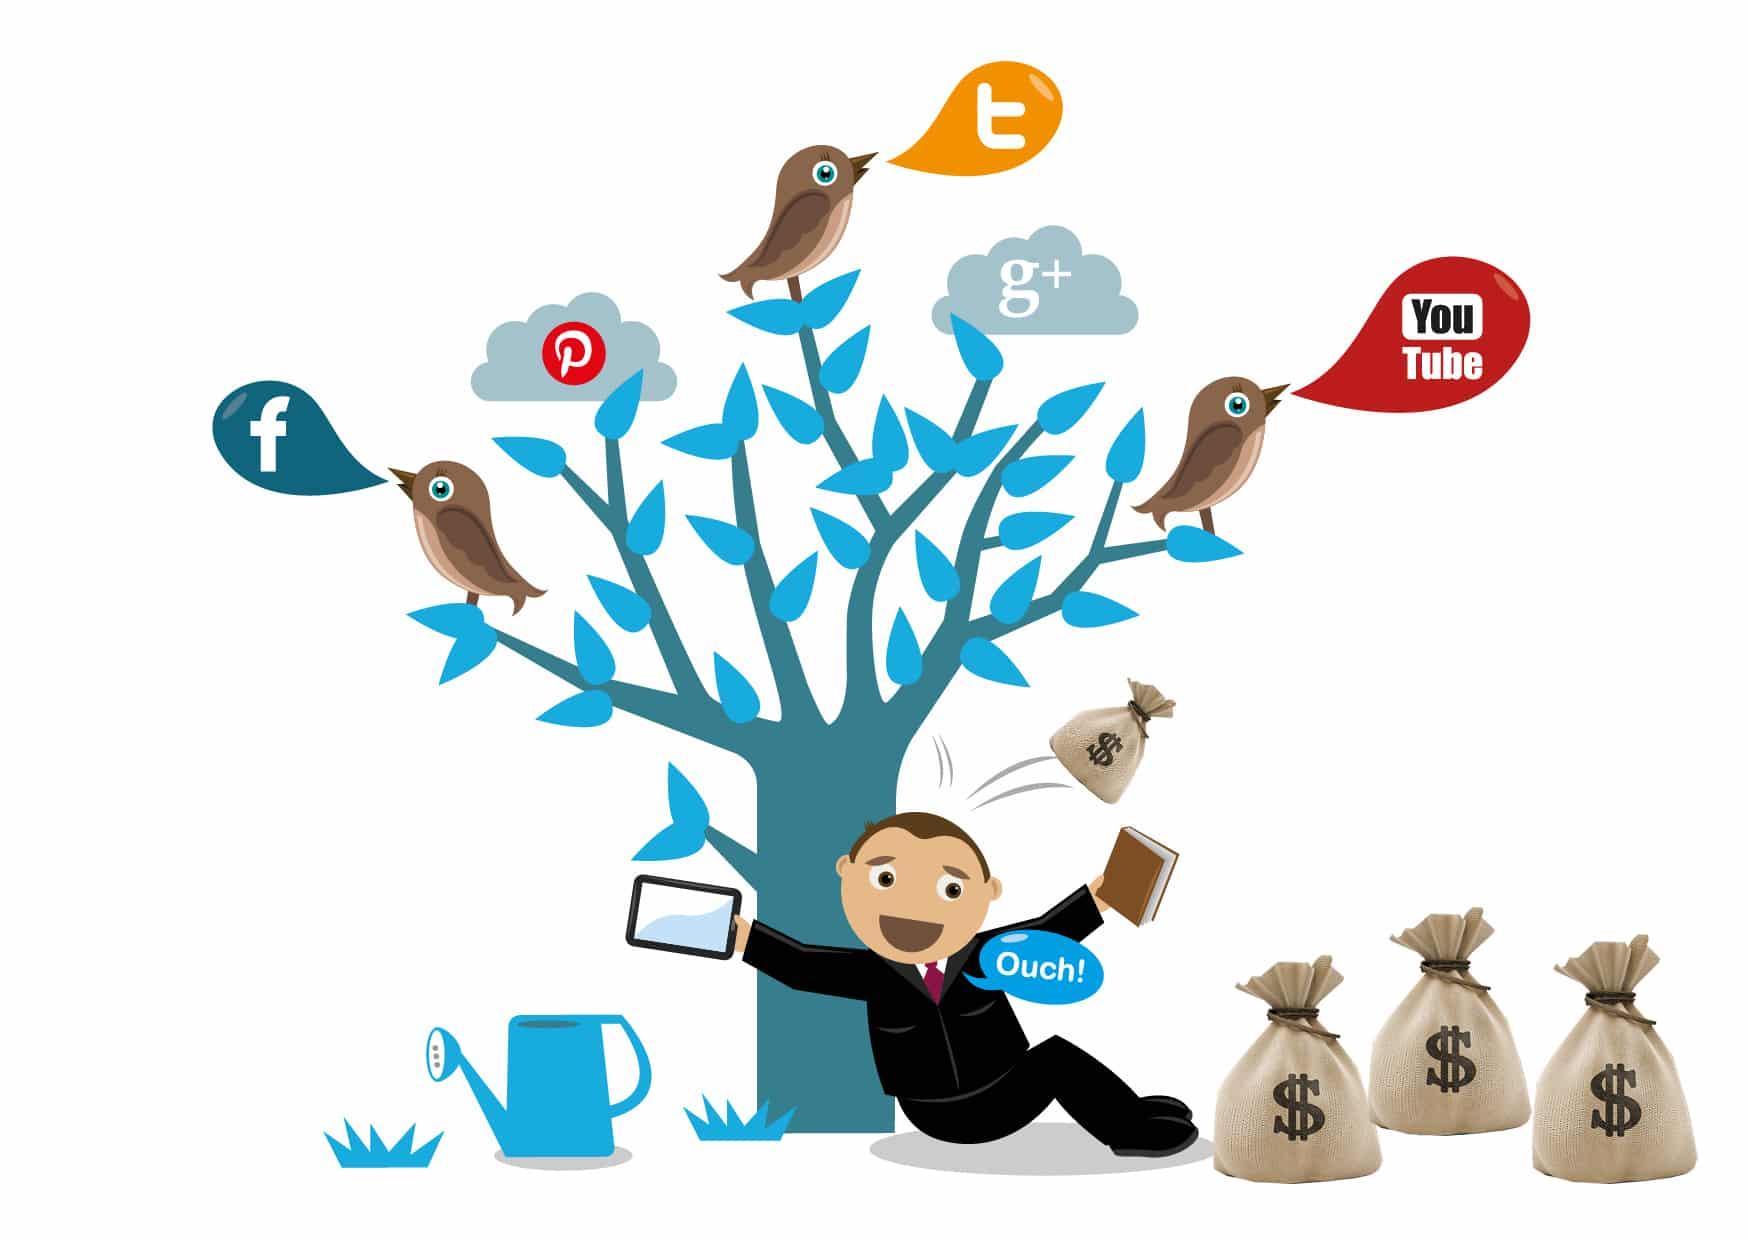 كيف تكتب منشوراً ترويجياُ ناجحاً عبر وسائل التواصل الإجتماعي